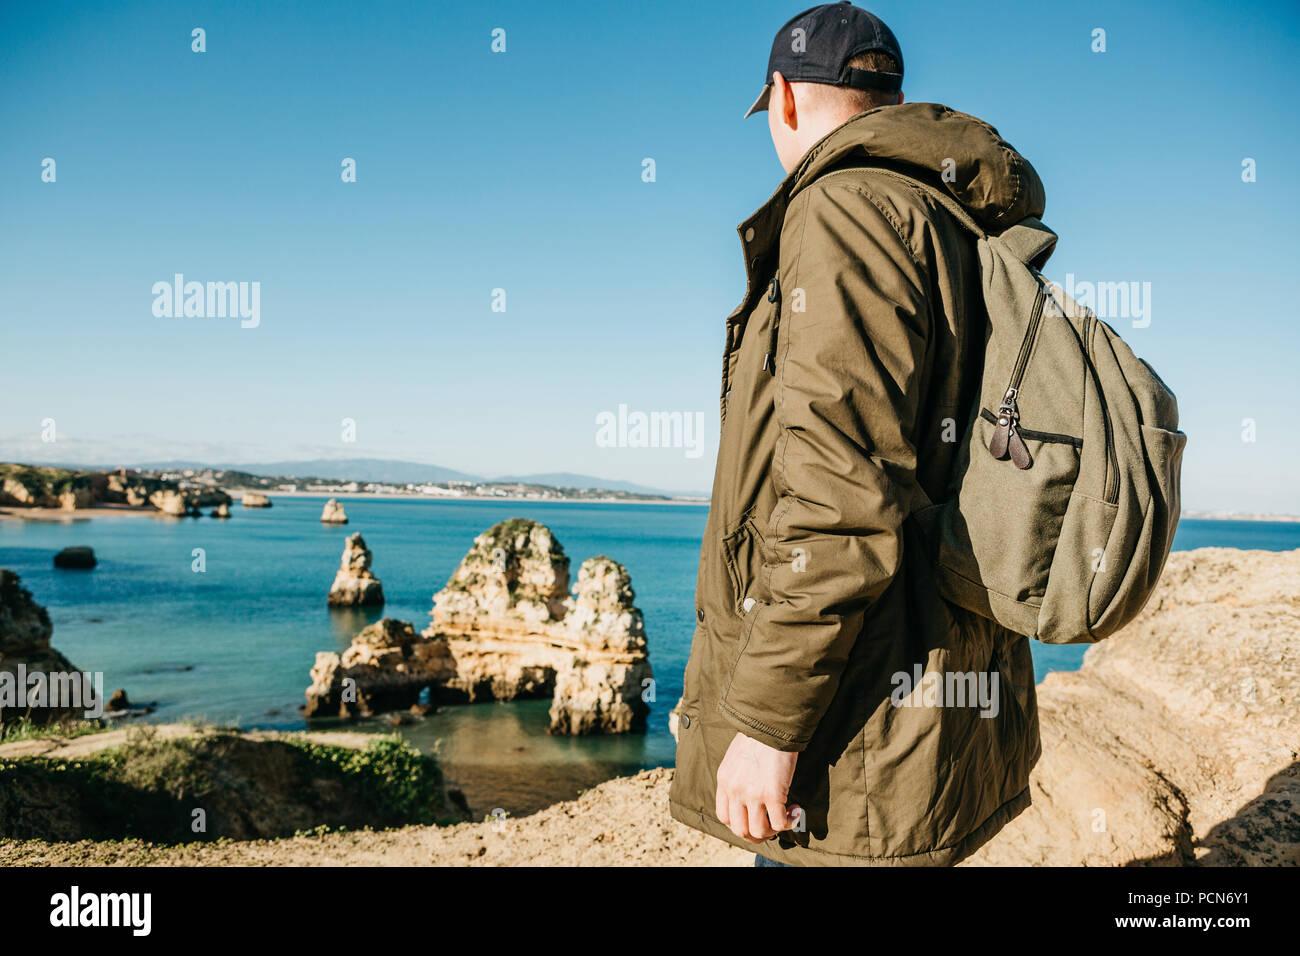 Ein Tourist oder Reisende mit einem Rucksack bewundert die schöne Aussicht auf den Atlantischen Ozean und die Küste in der Nähe der Stadt Lagos in Portugal genannt. Stockbild